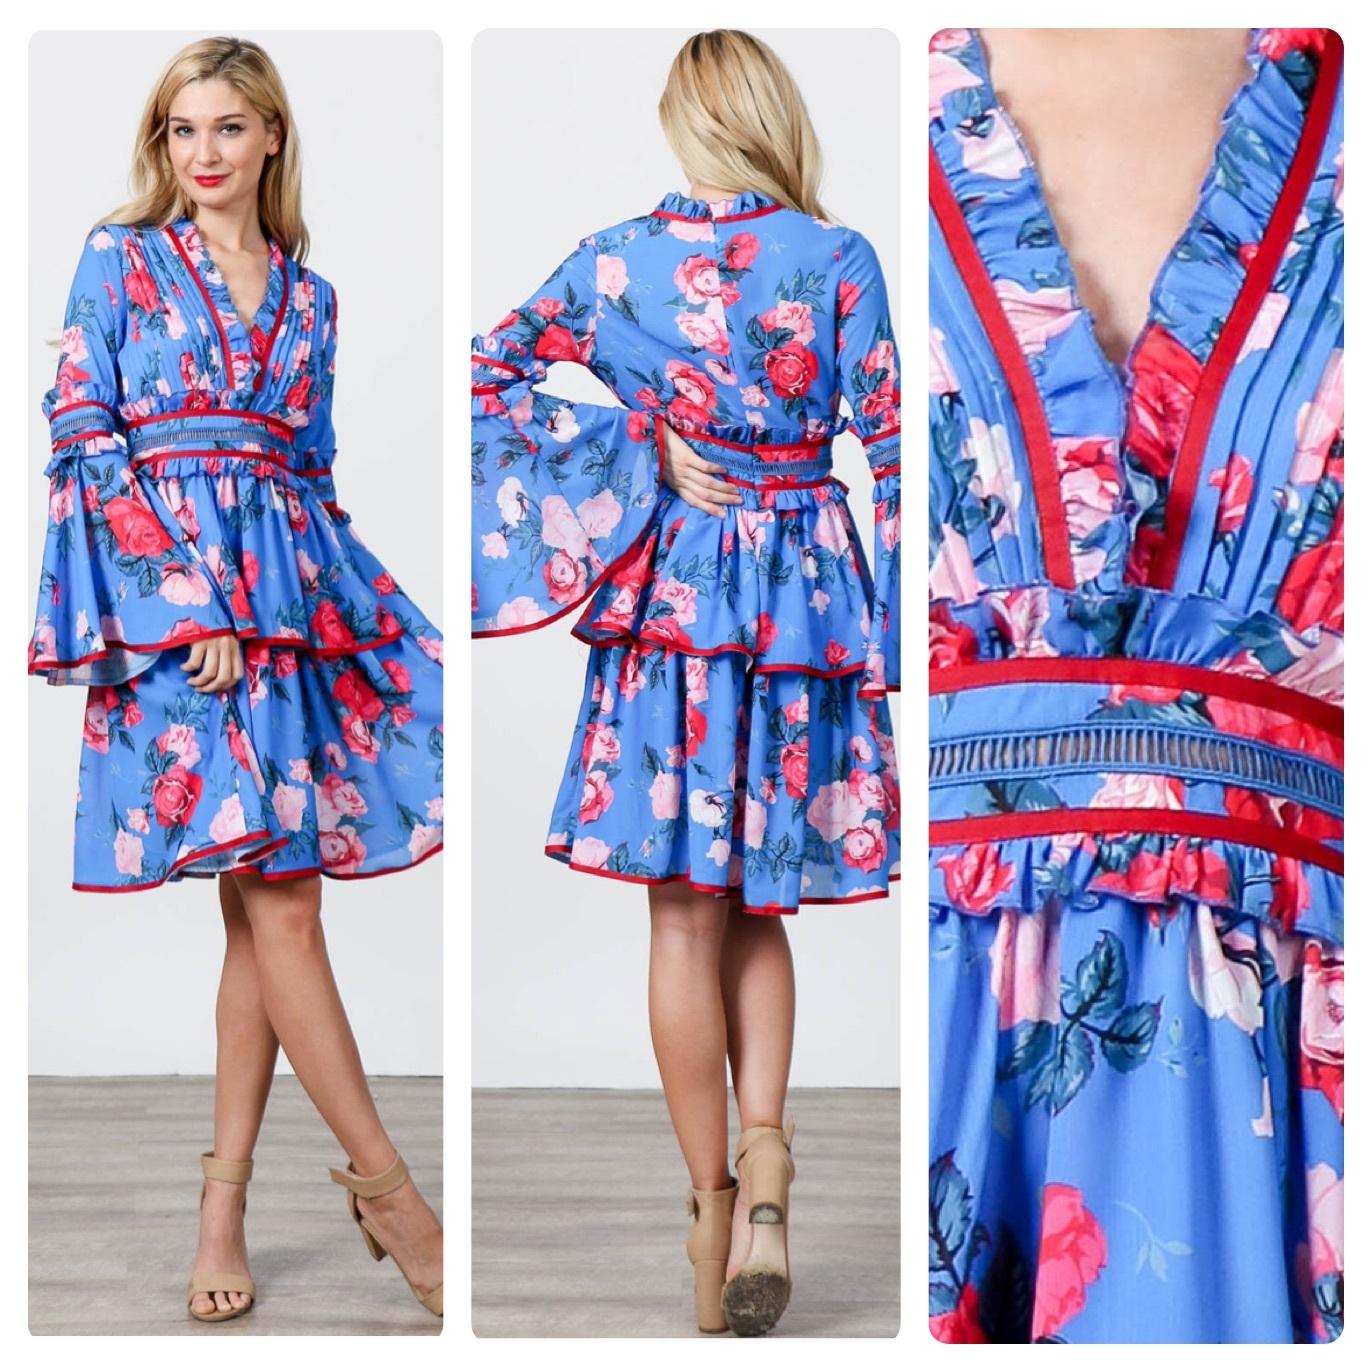 SPRING FLORAL DRESS   $65